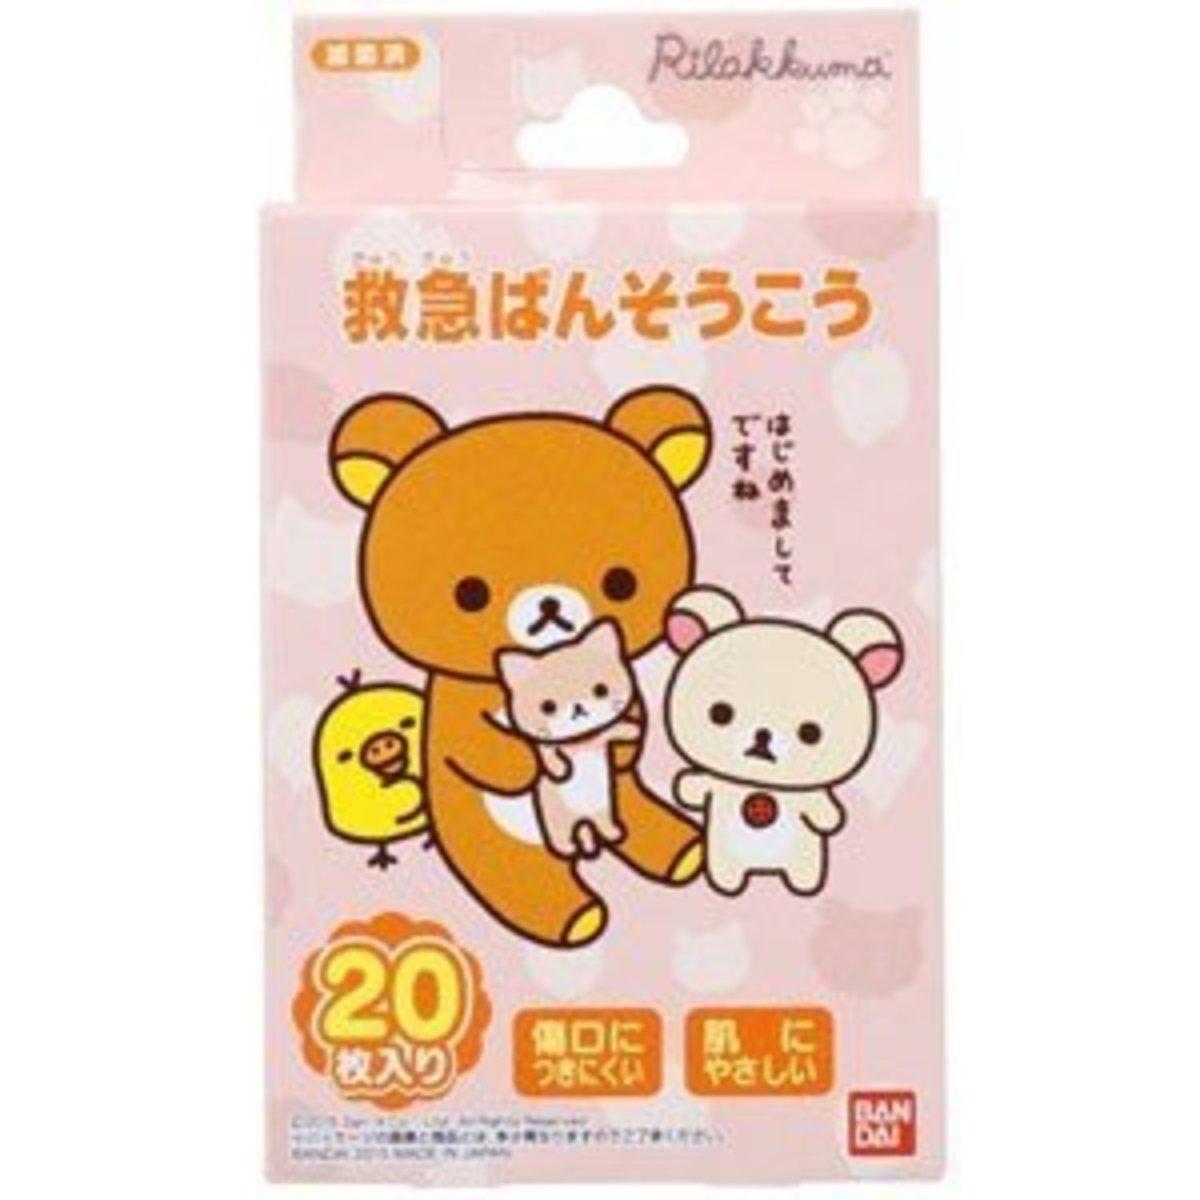 鬆弛熊圖案藥用膠布20片庄